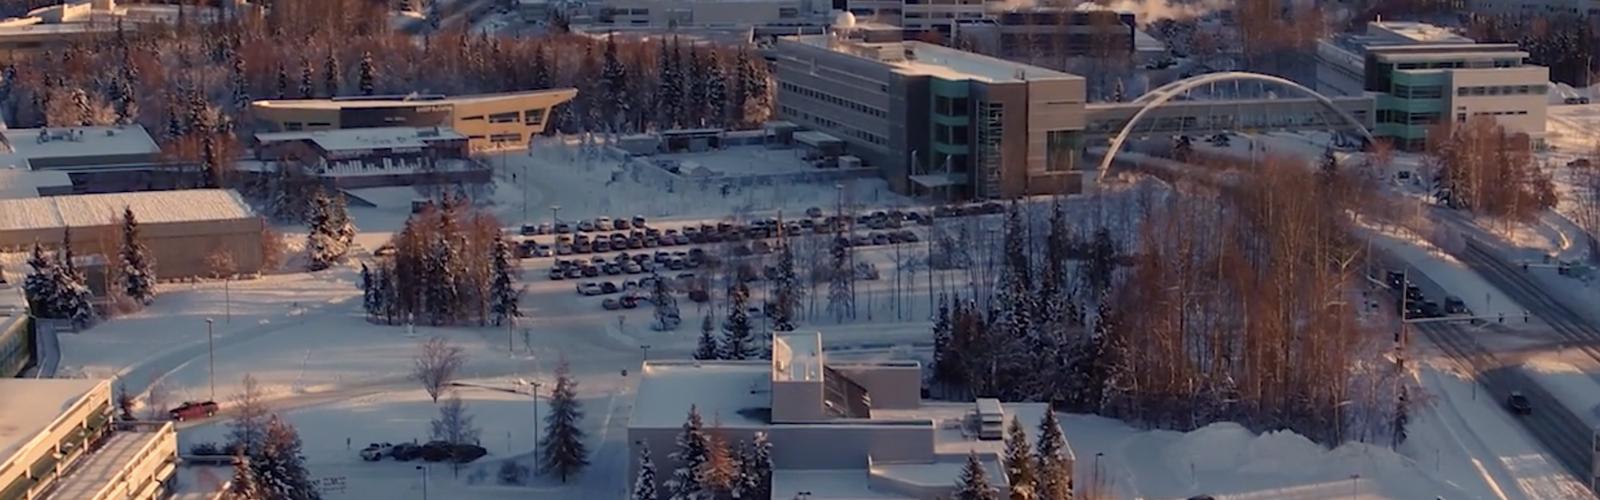 Alaska Campus